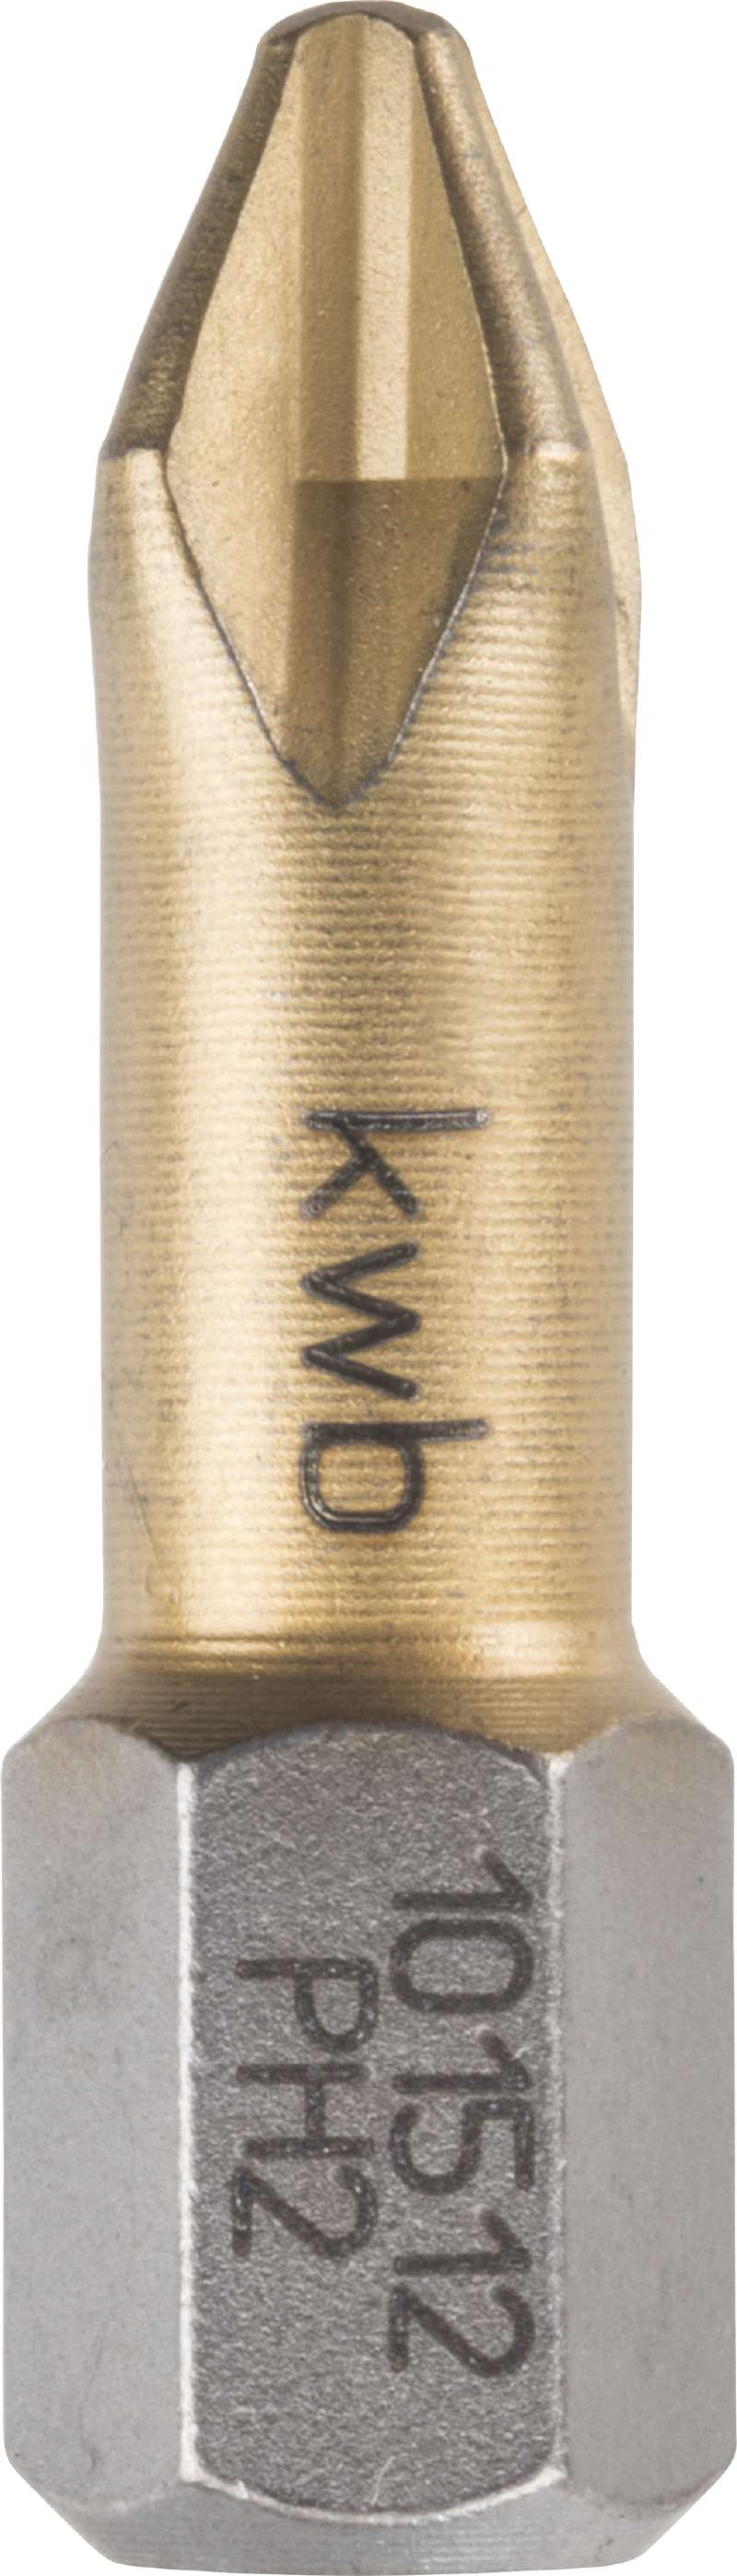 Бита Kwb 1015-02 набор бит kwb 10шт ph2